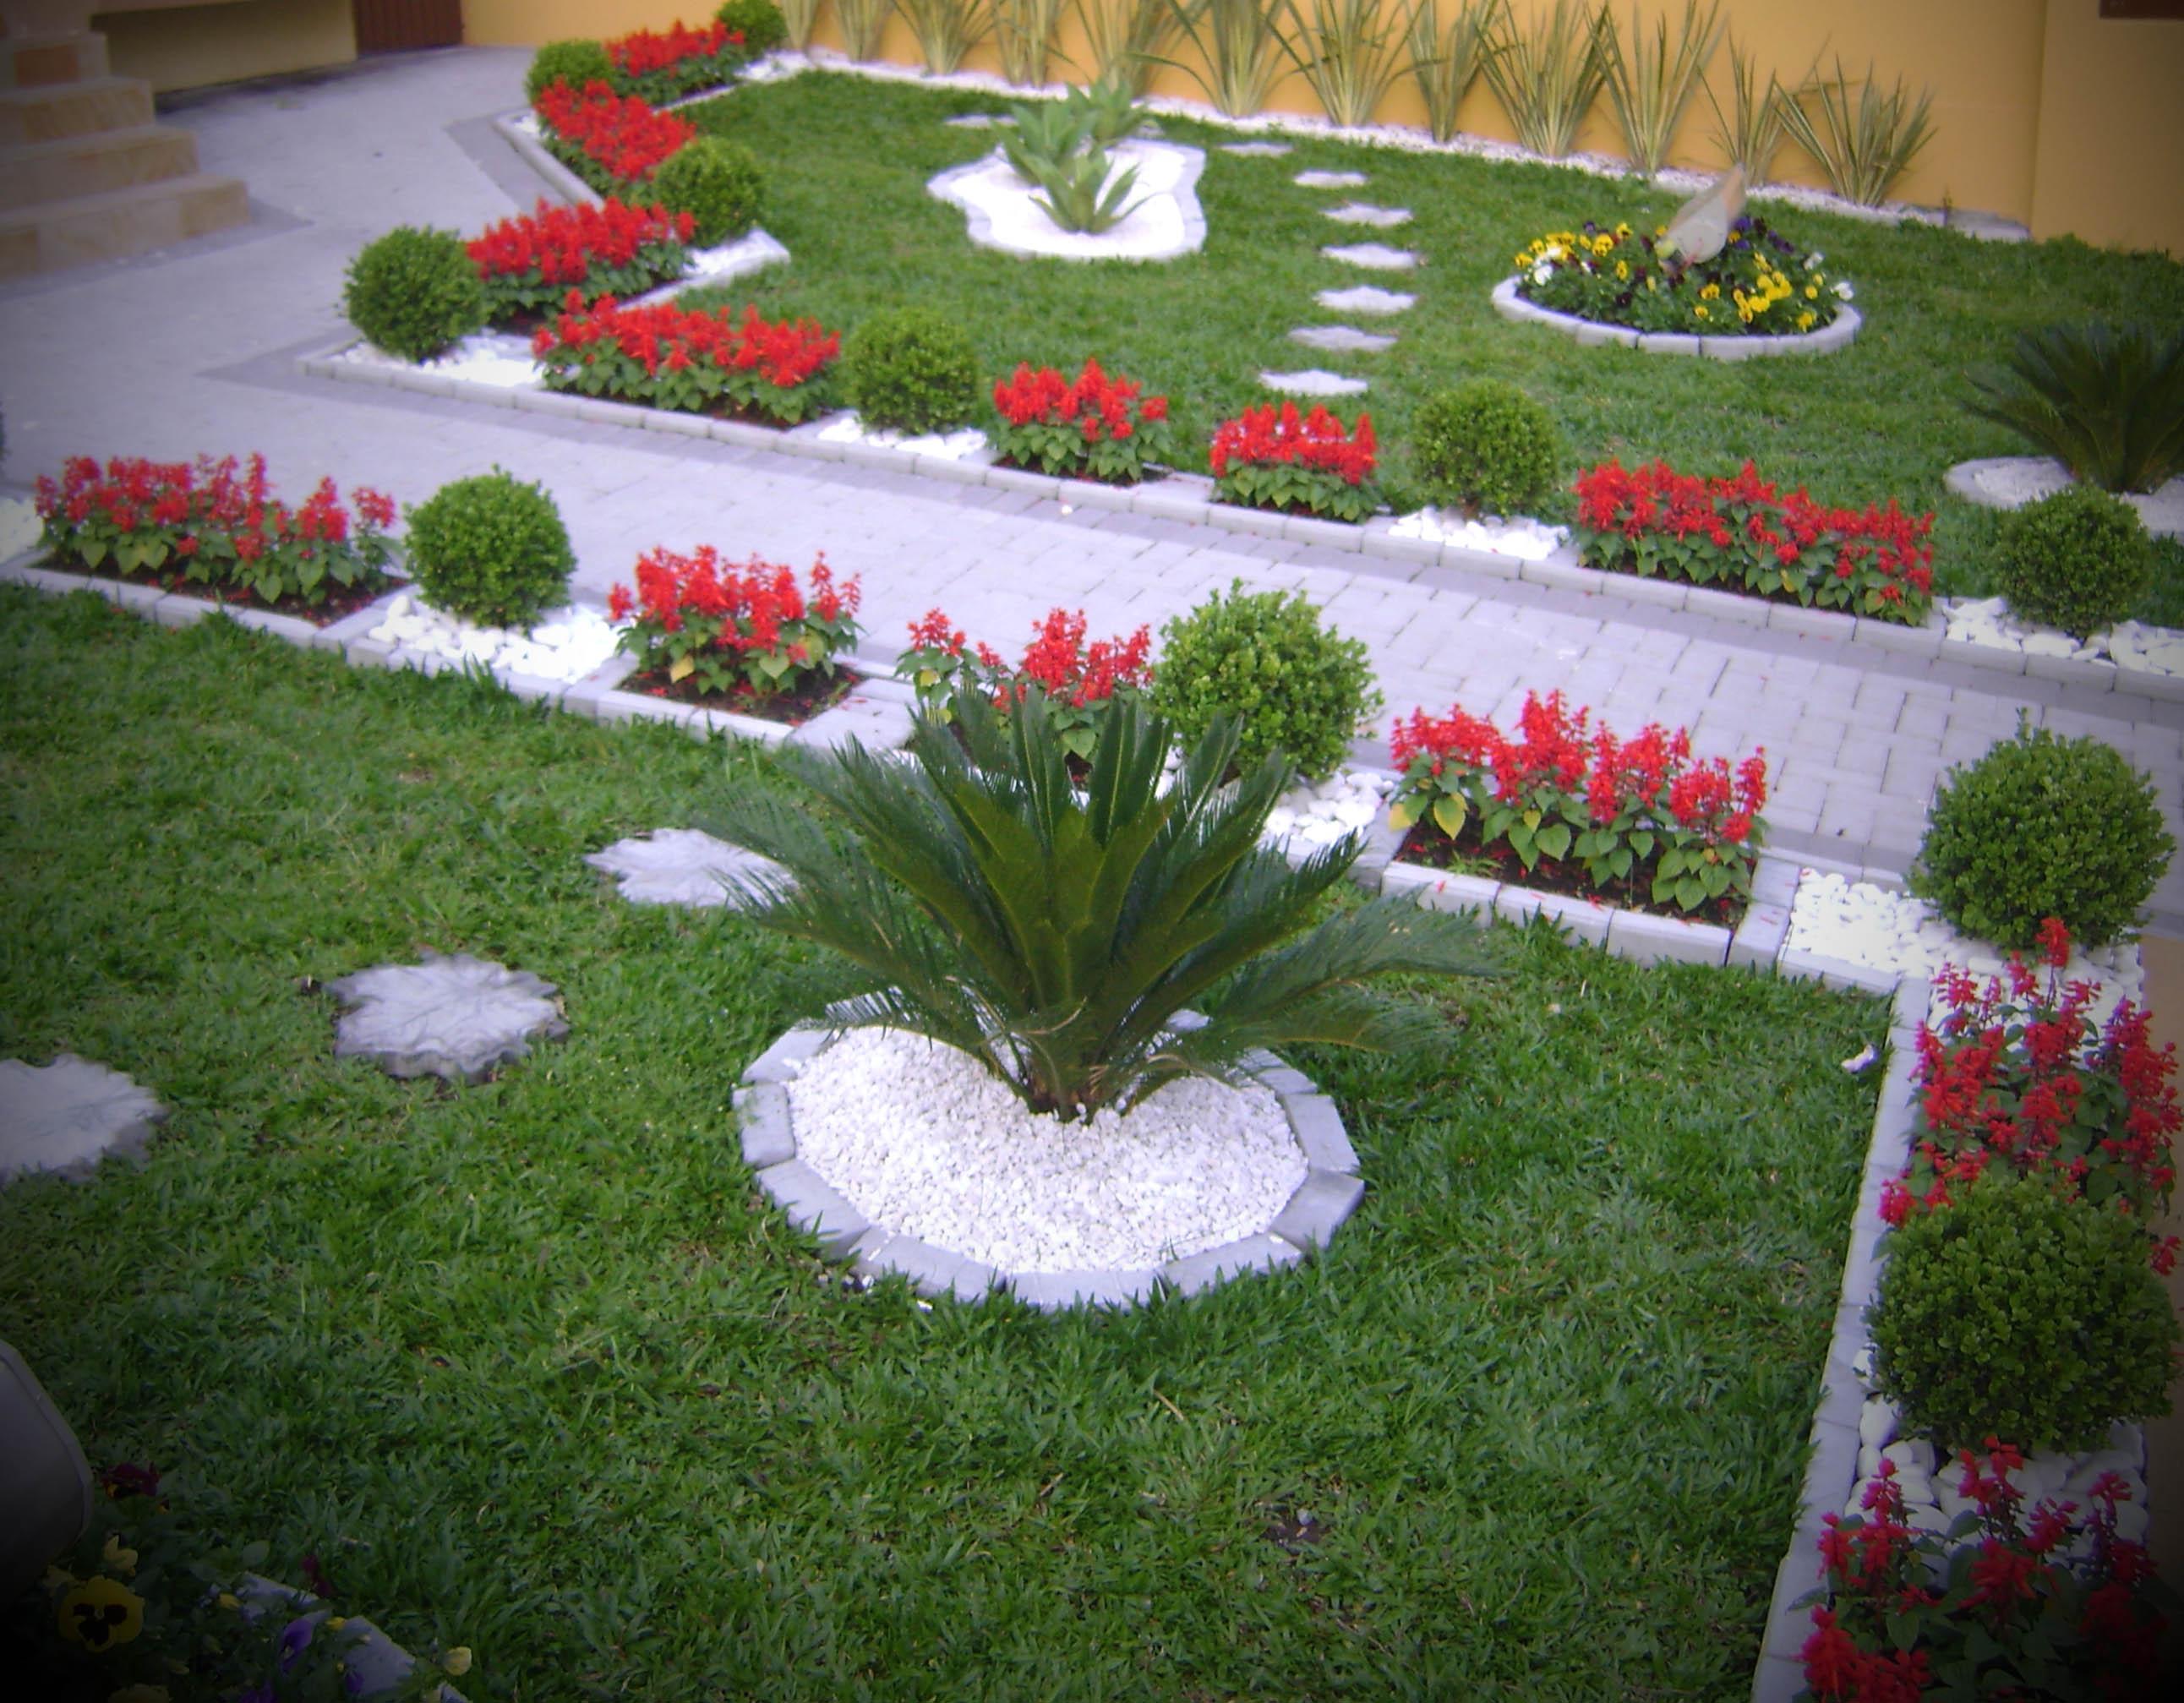 Imagens de Jardins Decorados -> Decoração De Jardins Com Pedras E Flores